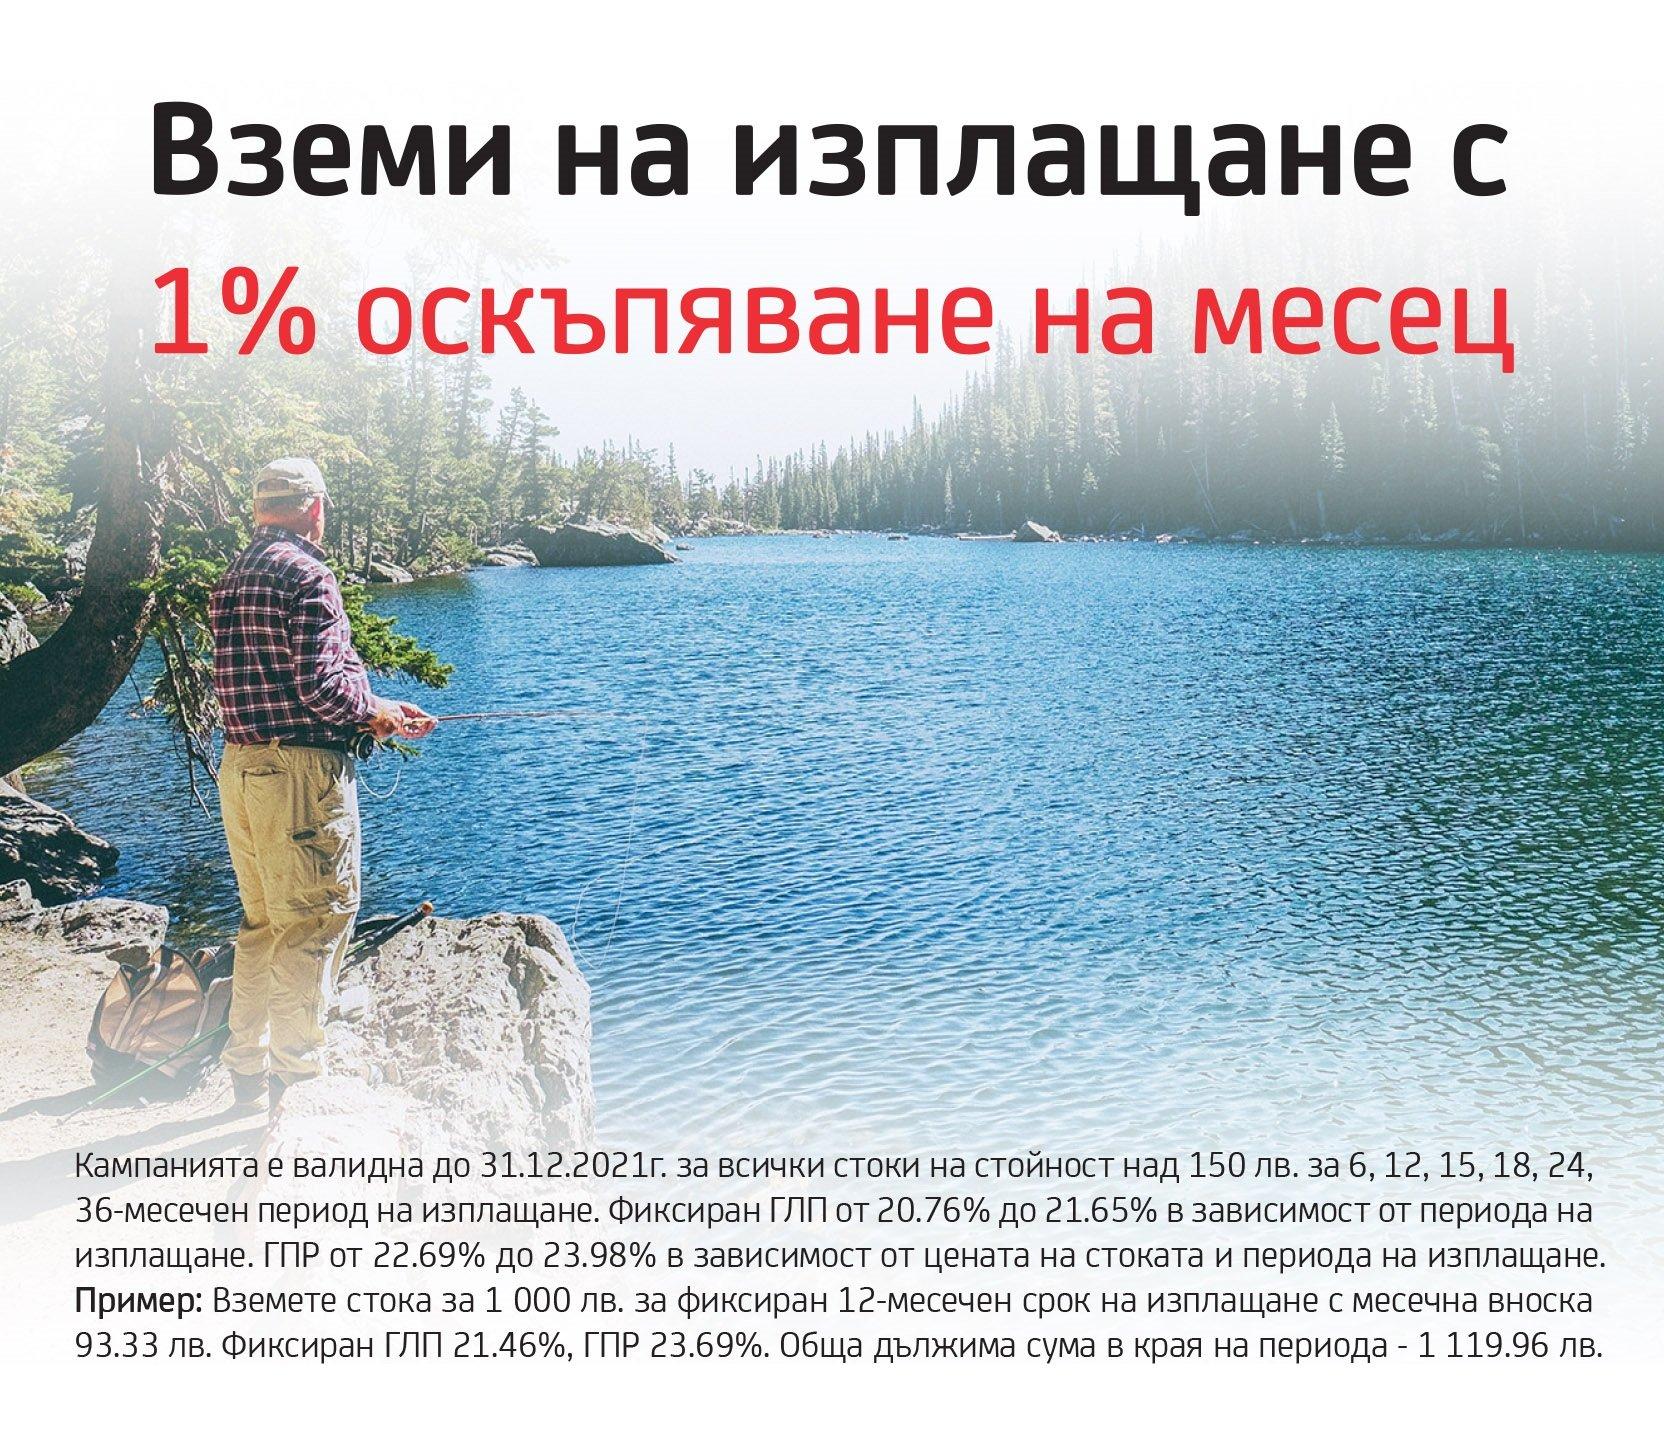 Риболовни стоки на изплащане